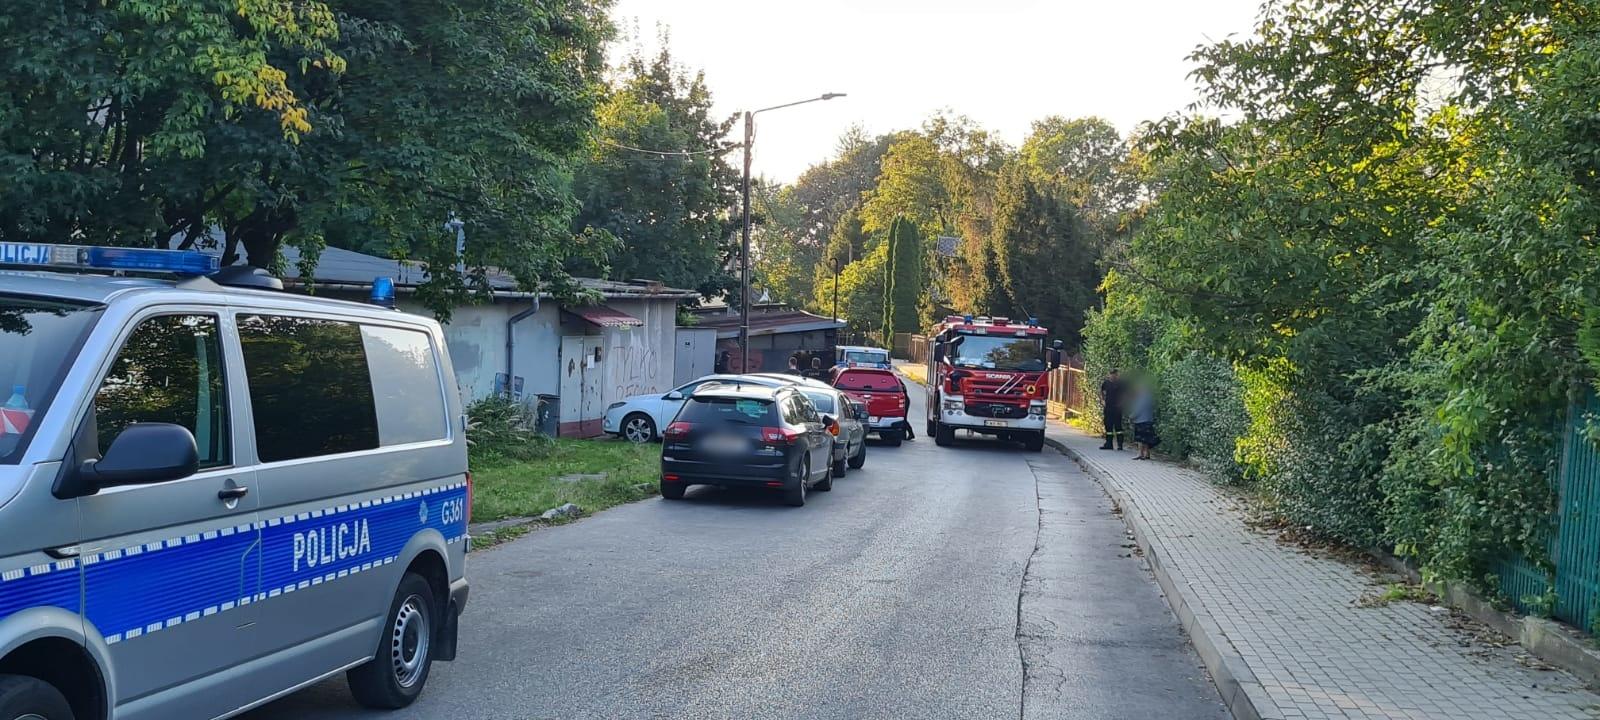 Centralne Biuro Śledcze Policji zatrzymało właściciela składu amunicji i pocisków w Andrychowie